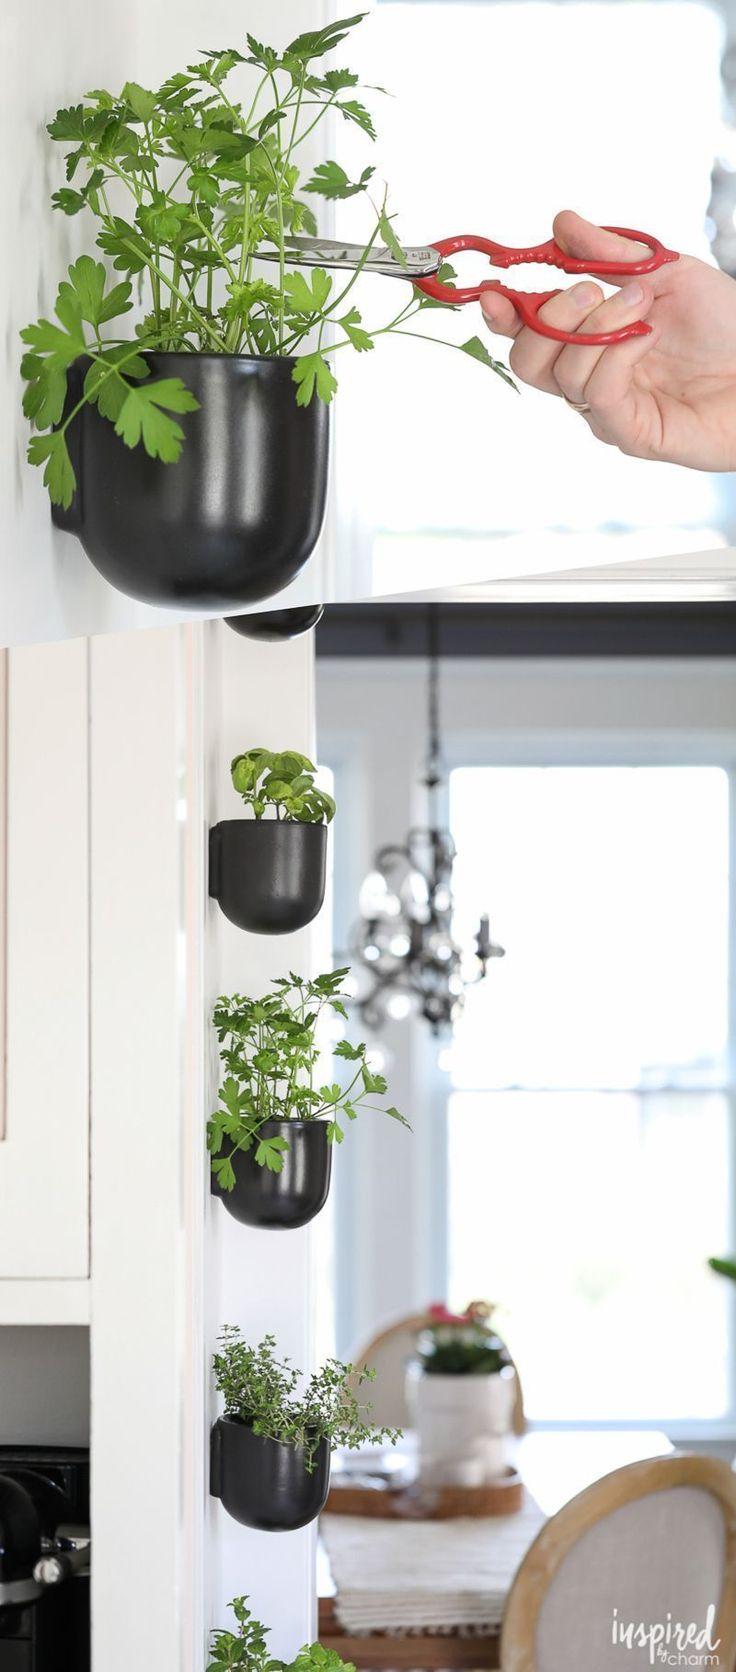 DIY Kitchen Herb Garden vertical wall